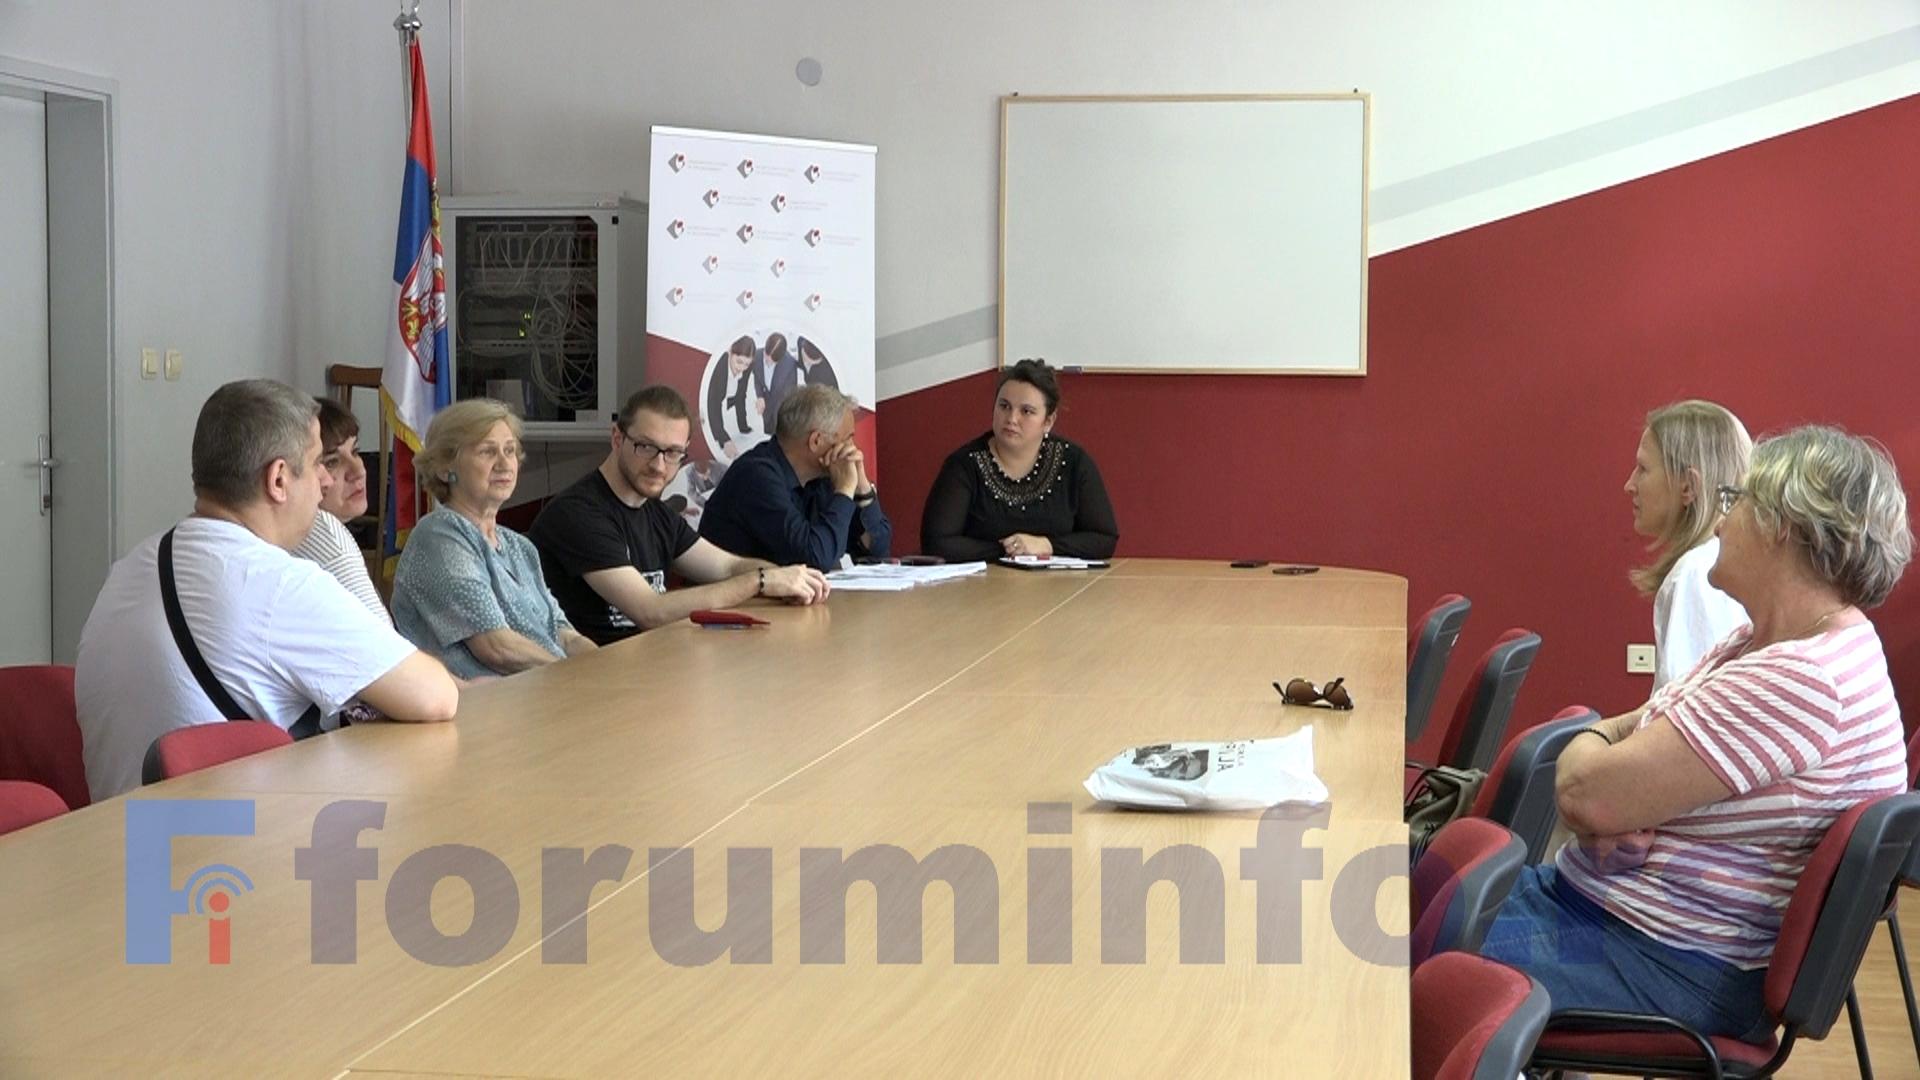 Особе са инвалидитетом тешко долазе до посла – закључак је састанка одржаног у НСЗ